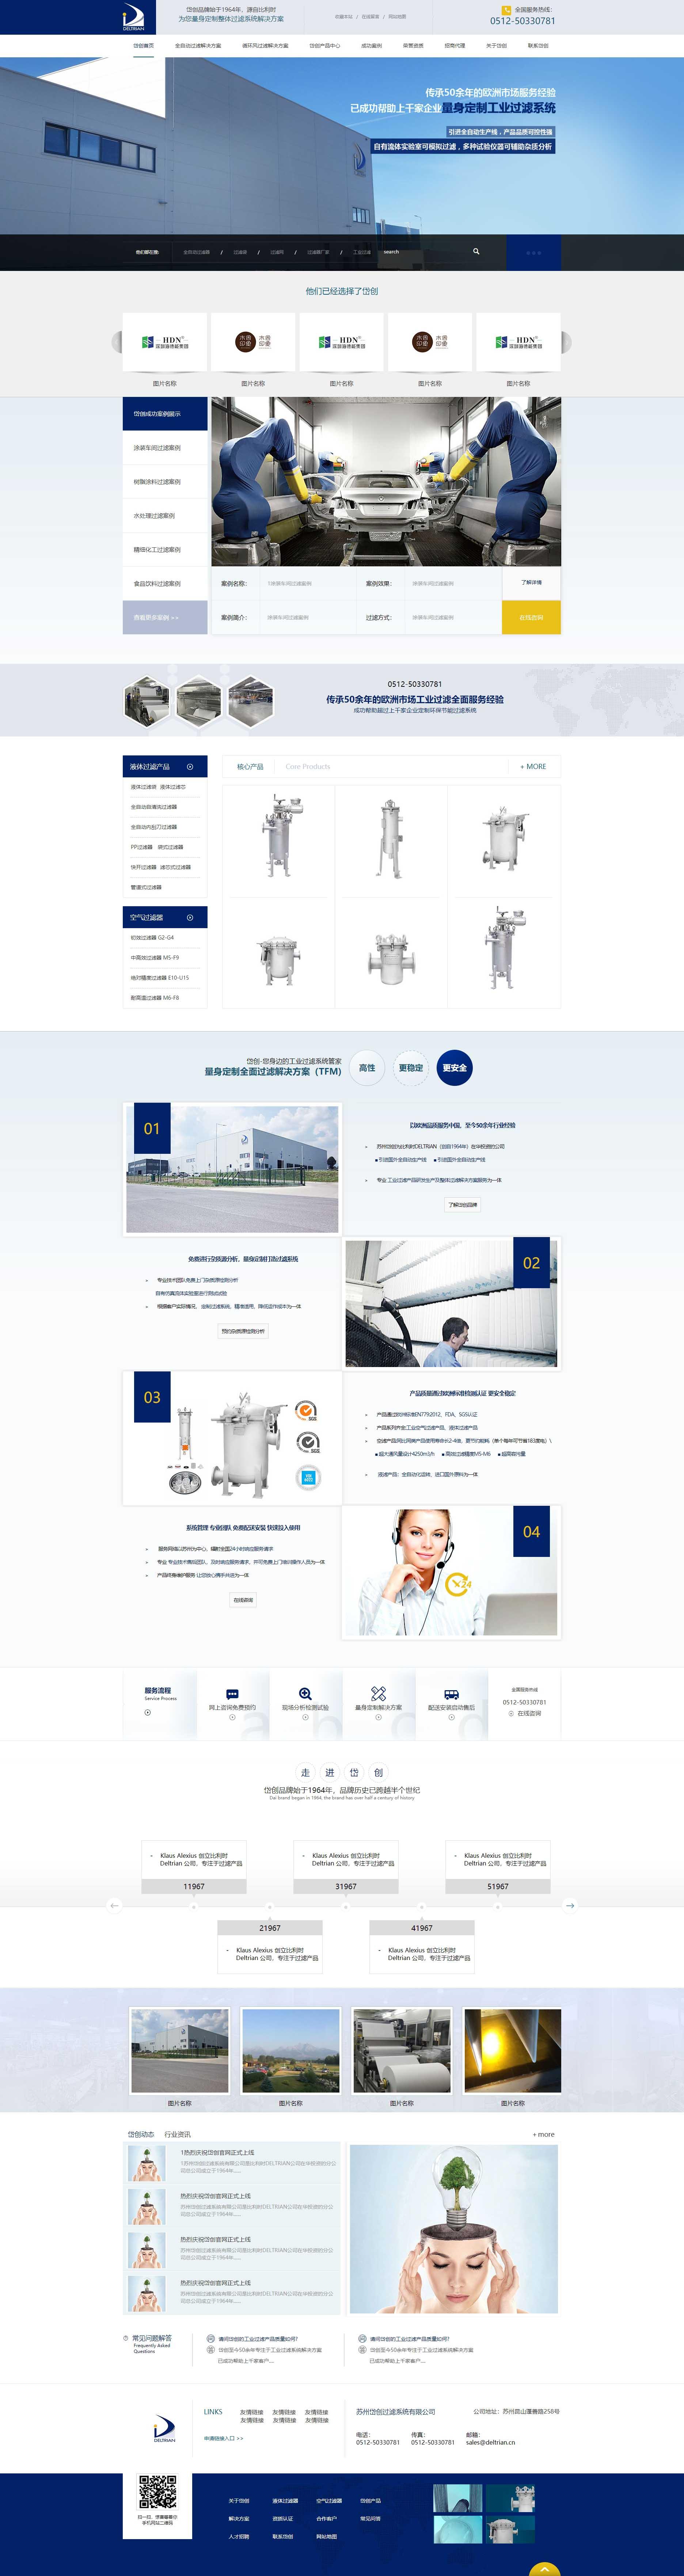 简洁大气的过滤器设备公司css3企业站模板